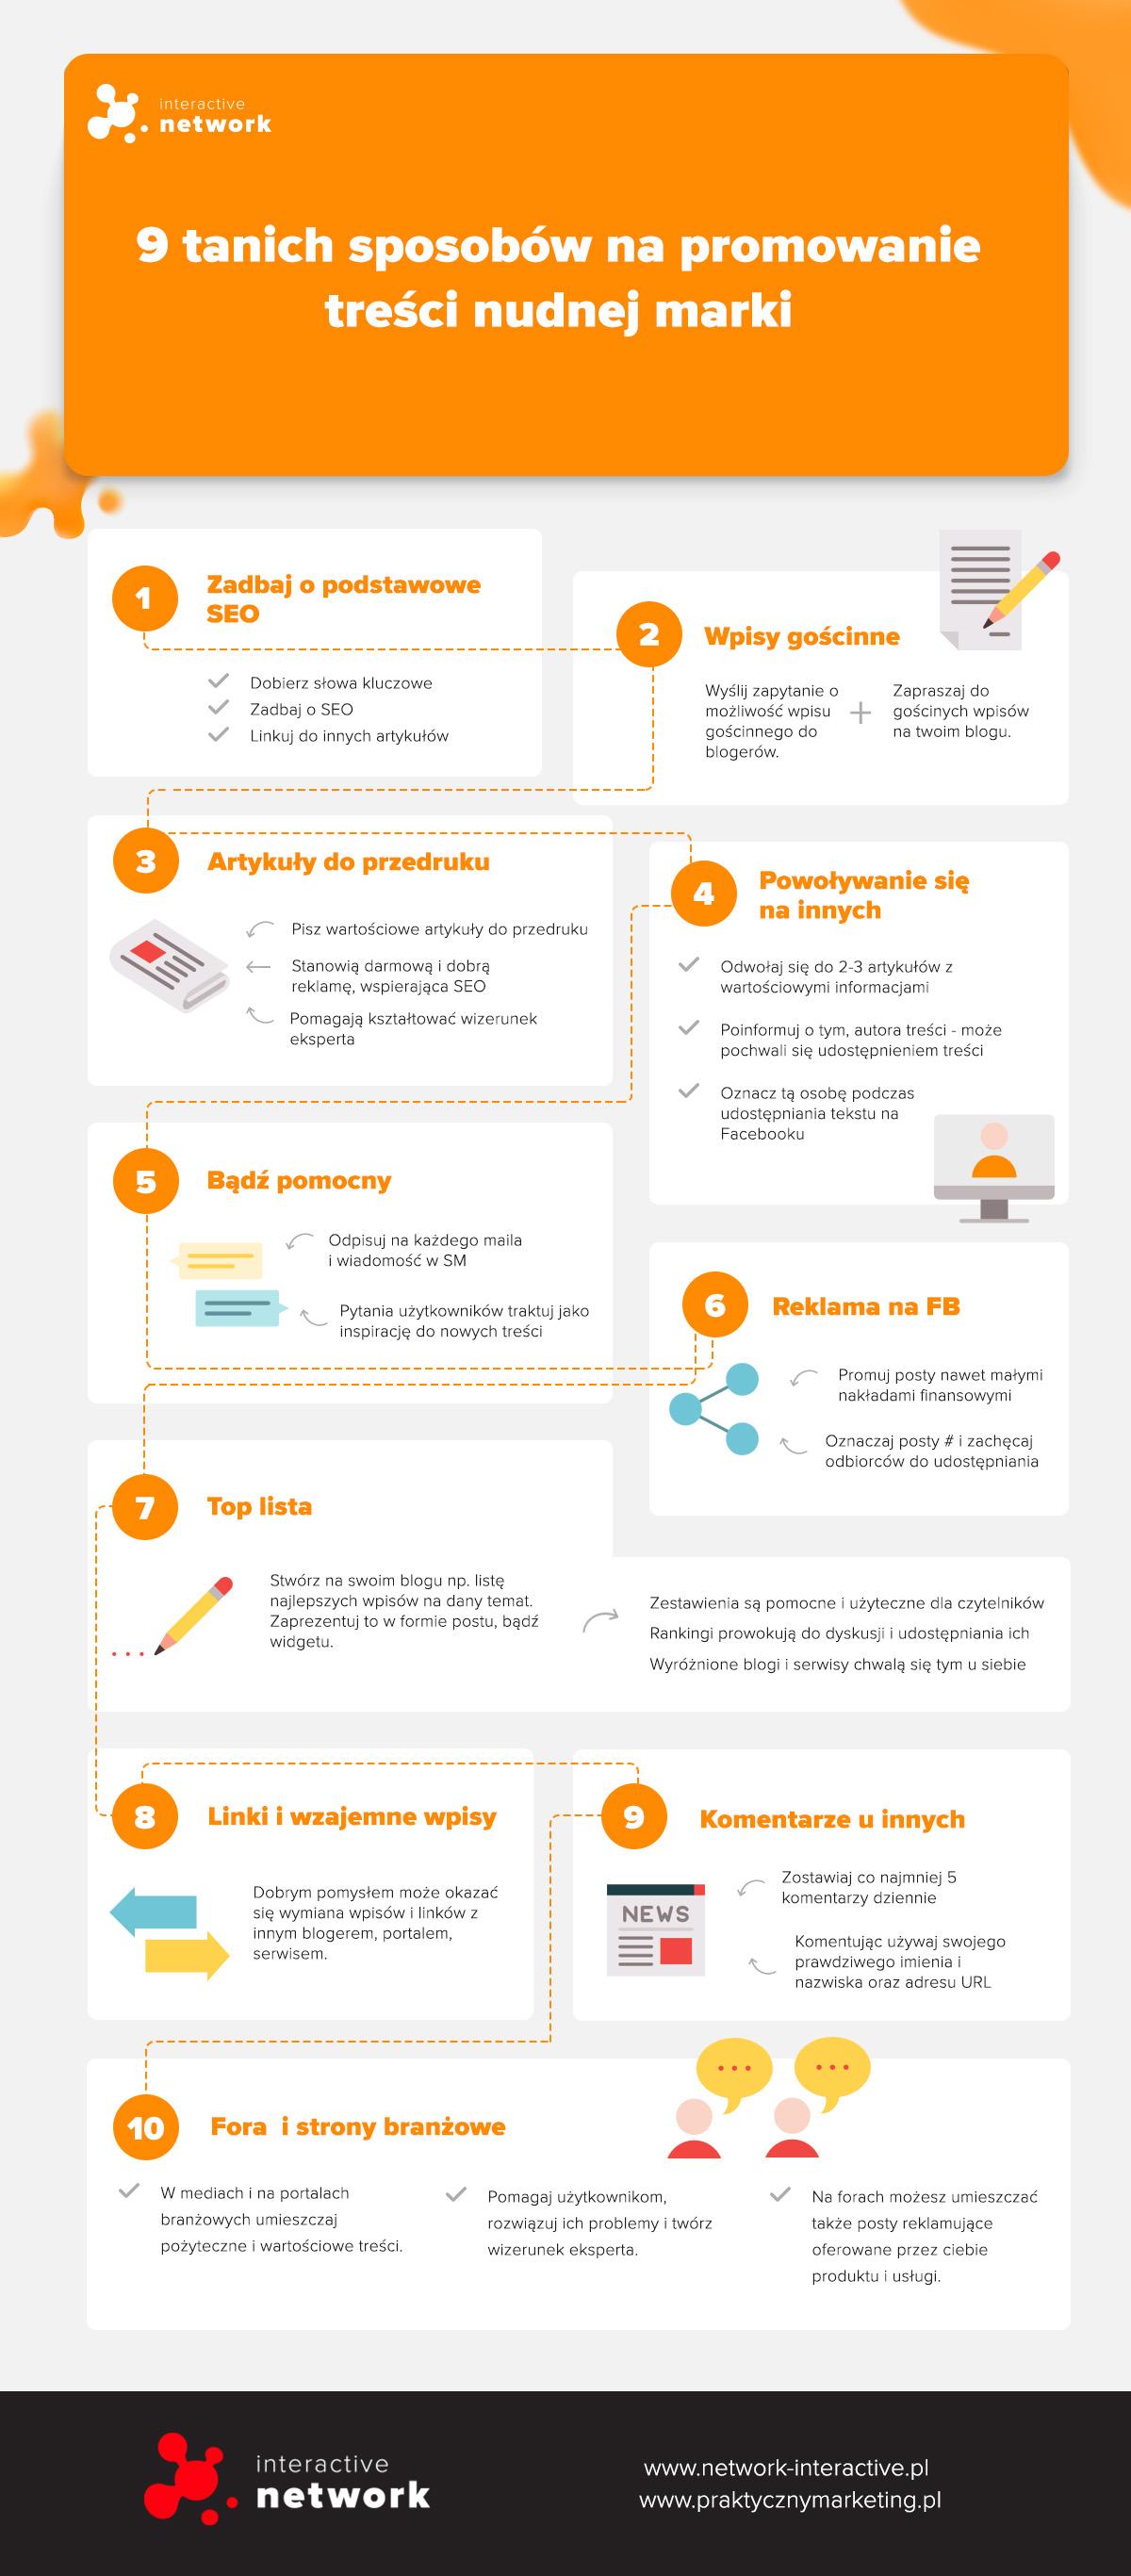 Sposoby na promowanie treści infografika